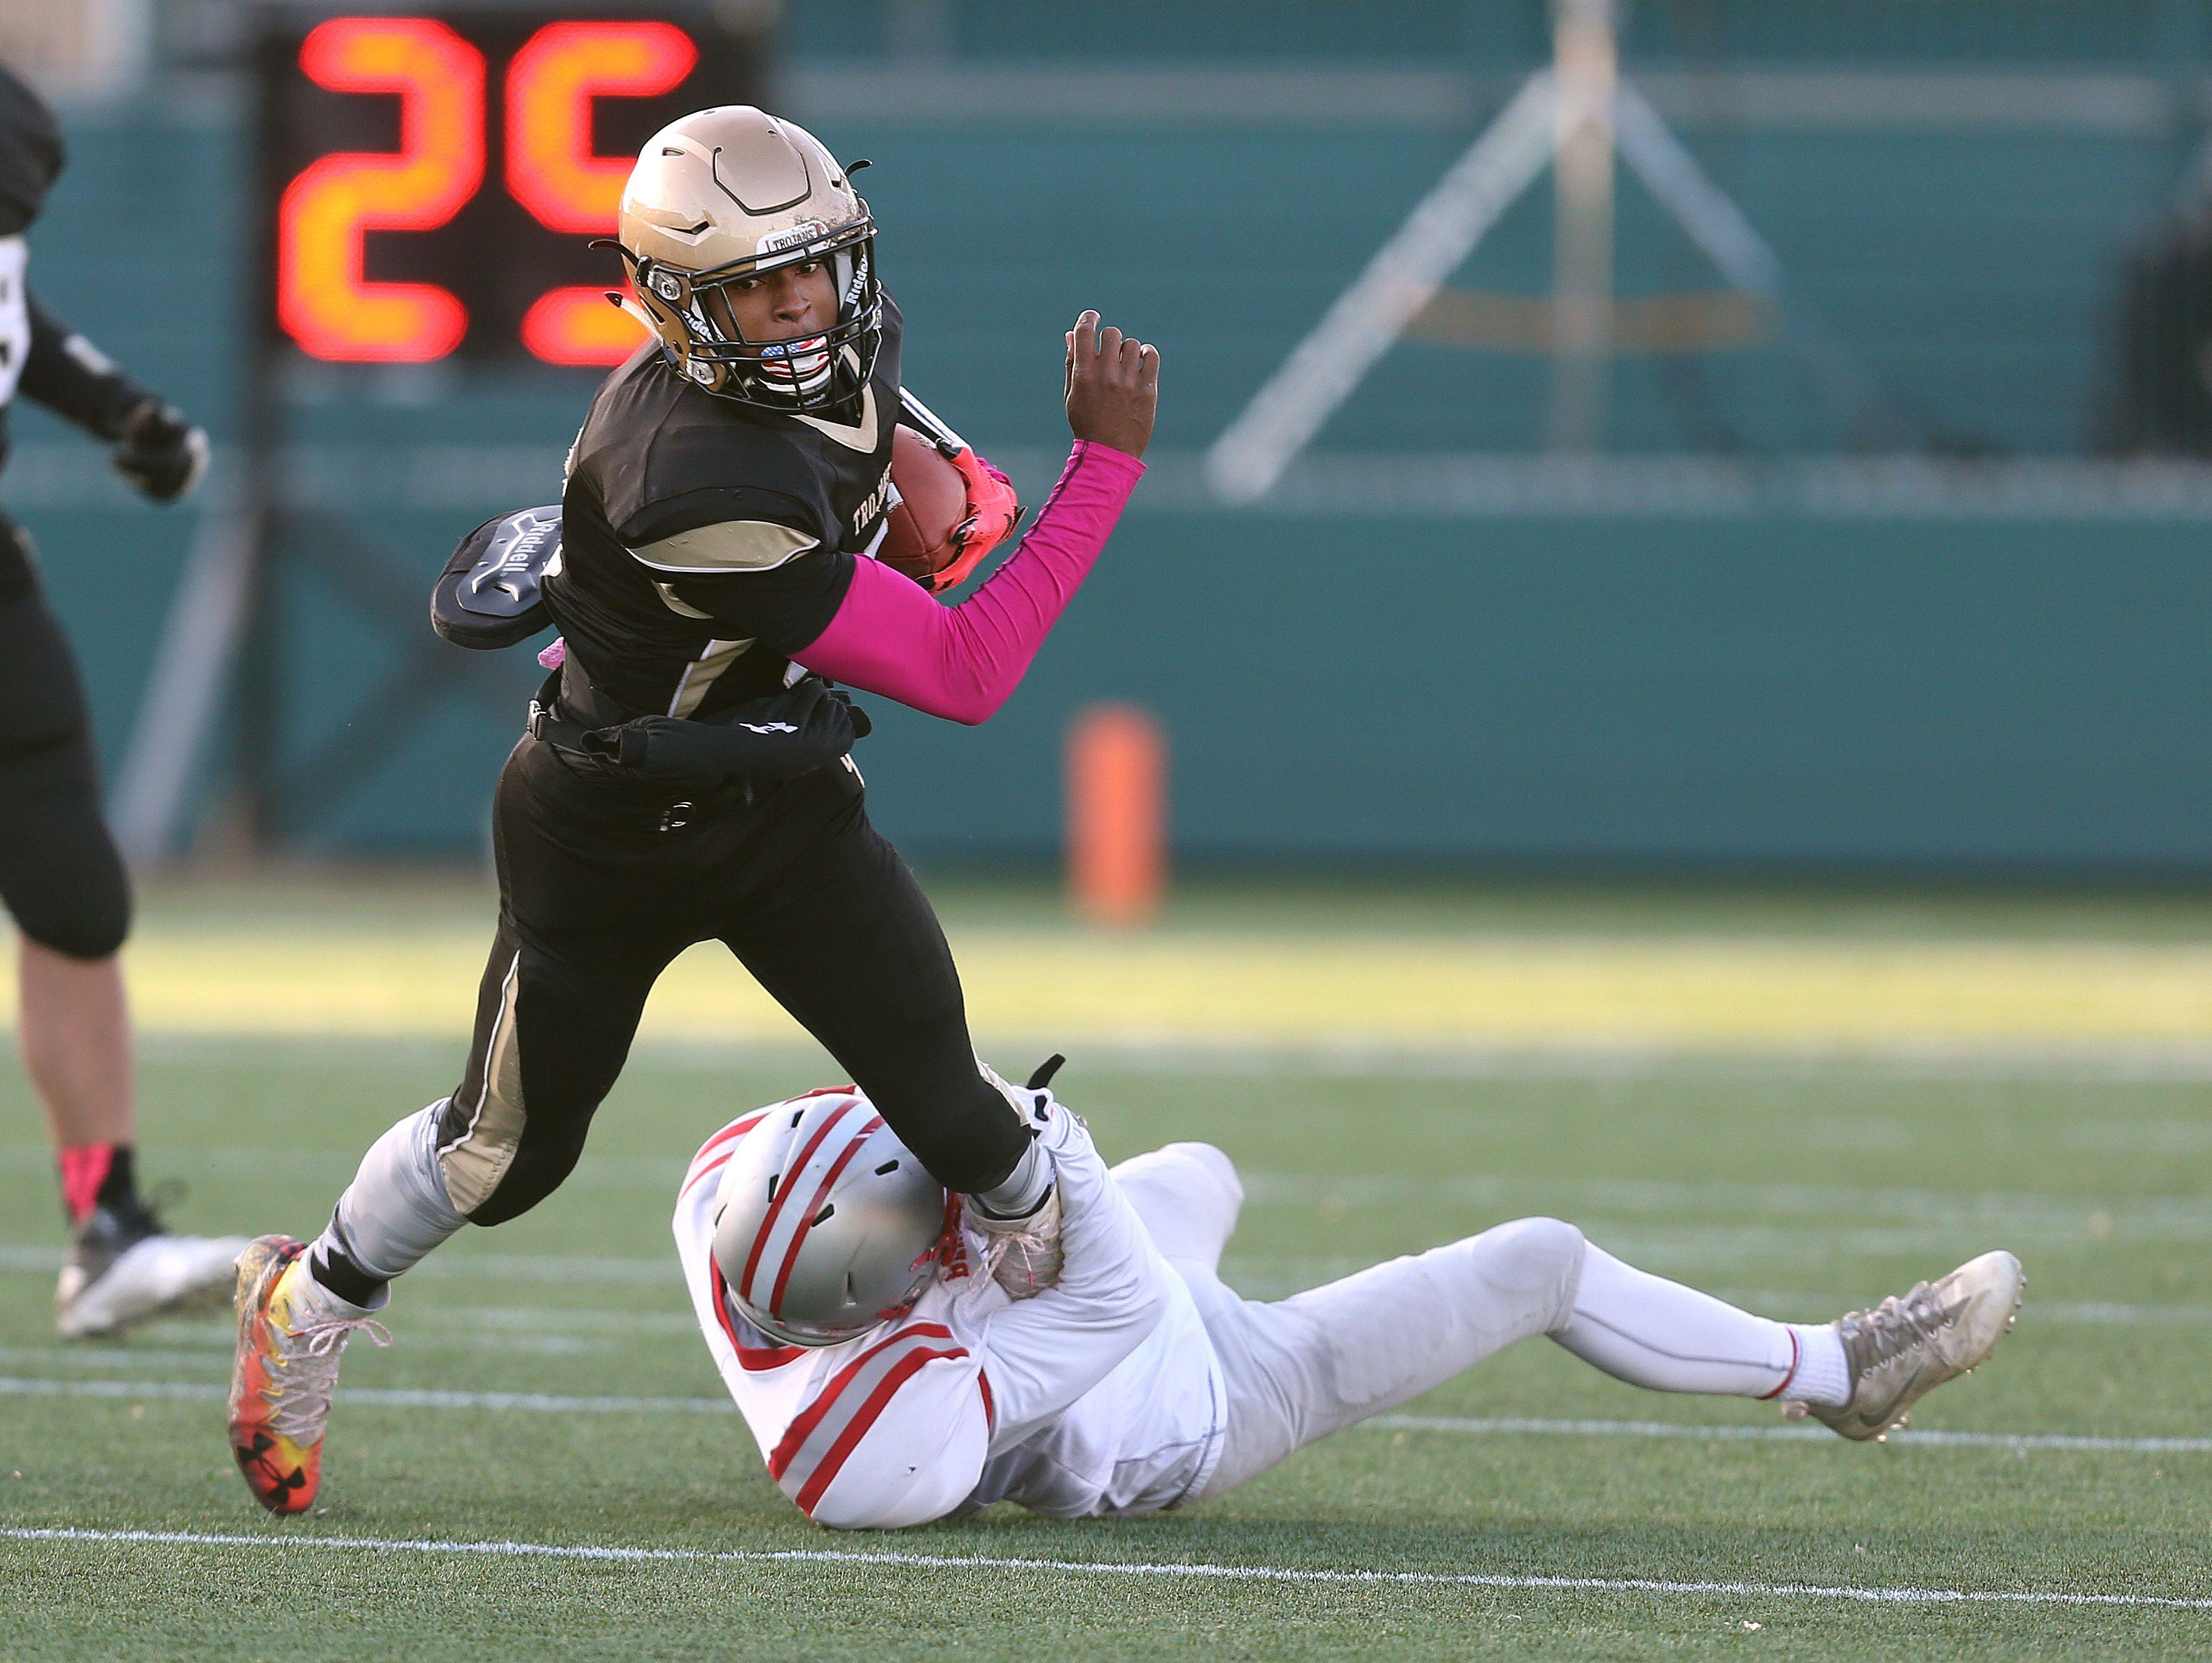 Athena quarterback Ta'von Granison tries to slip through the grasp of Canandaigua's Mitchell Pfeiffer (7).